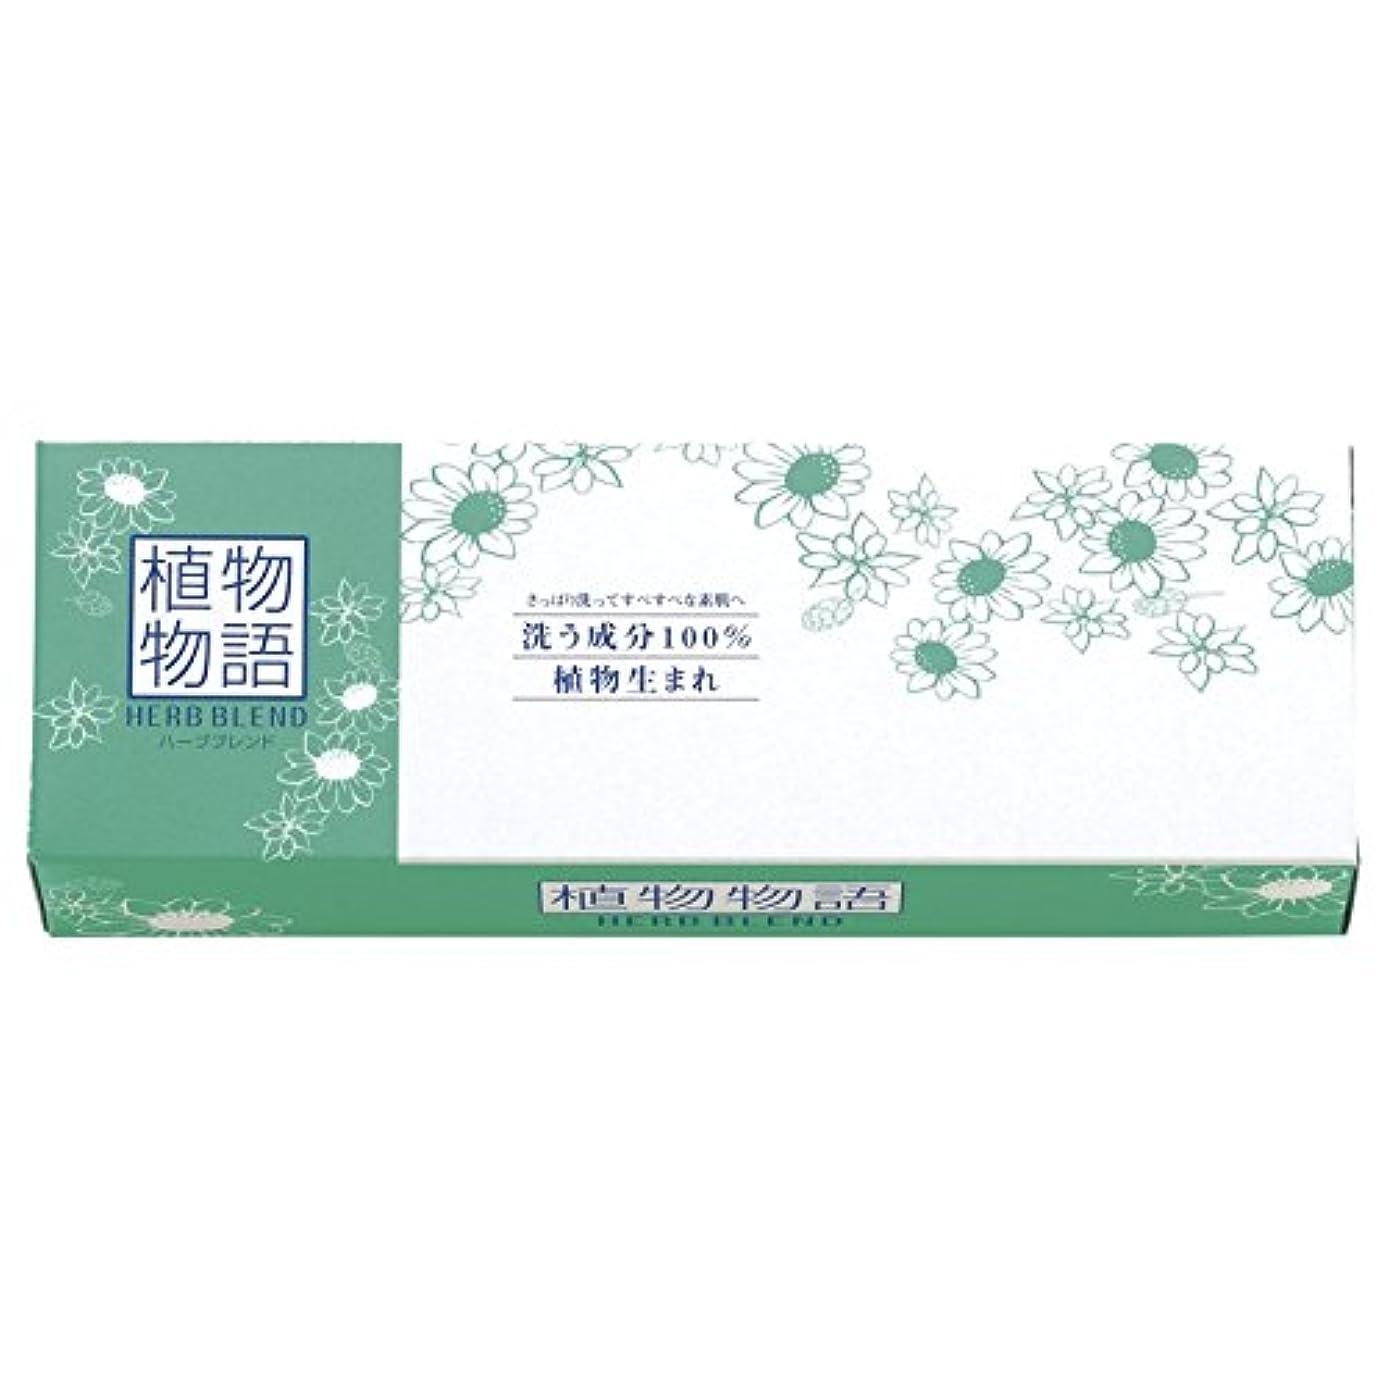 大脳ベット縫い目ライオン 植物物語ハーブブレンド化粧石鹸2個箱 KST802 【粗品 天然素材 ハーブ 2個 固形石鹸 からだ用 ハーブ 優しい お風呂 こども やさしい 石けん せっけん】